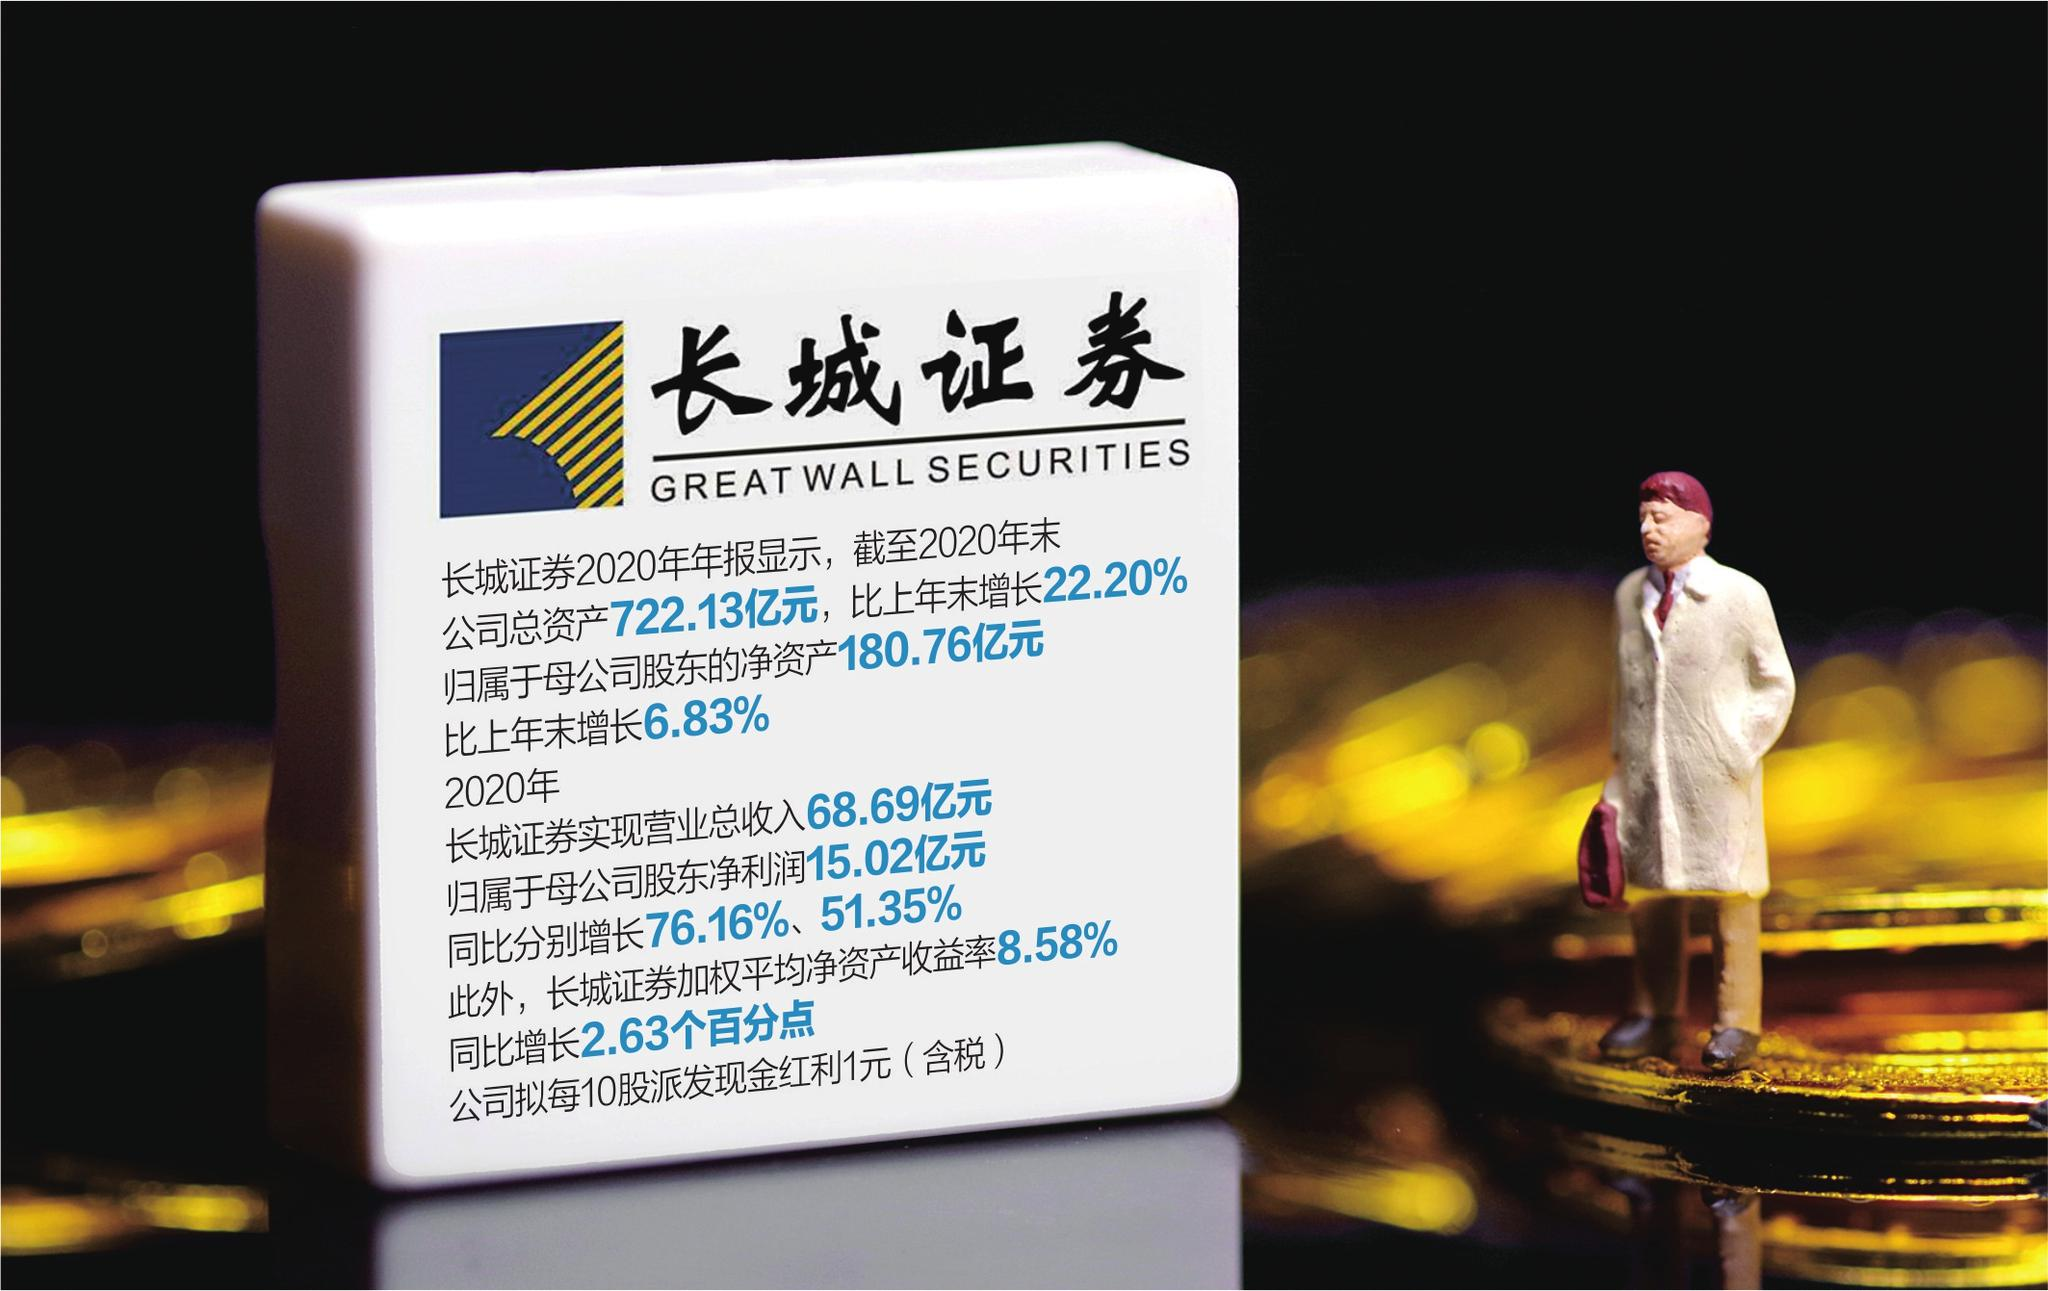 """长城证券去年业务收入""""两增两降"""" 财富管理业务占34%"""